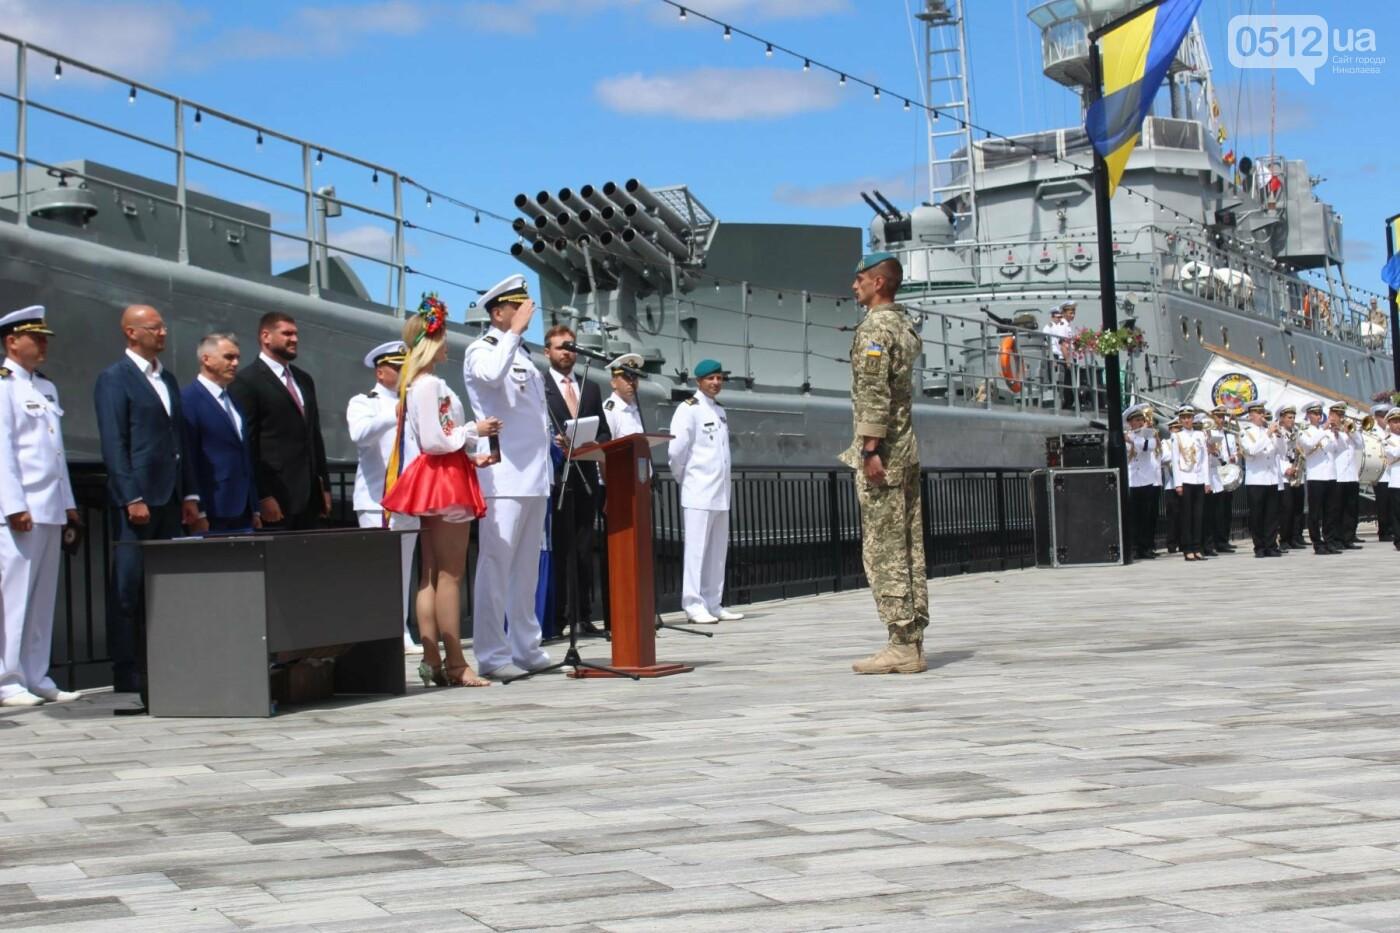 Полевая кухня, марш военных и выставка техники: как в Николаеве отмечали День ВМС Украины, фото-13